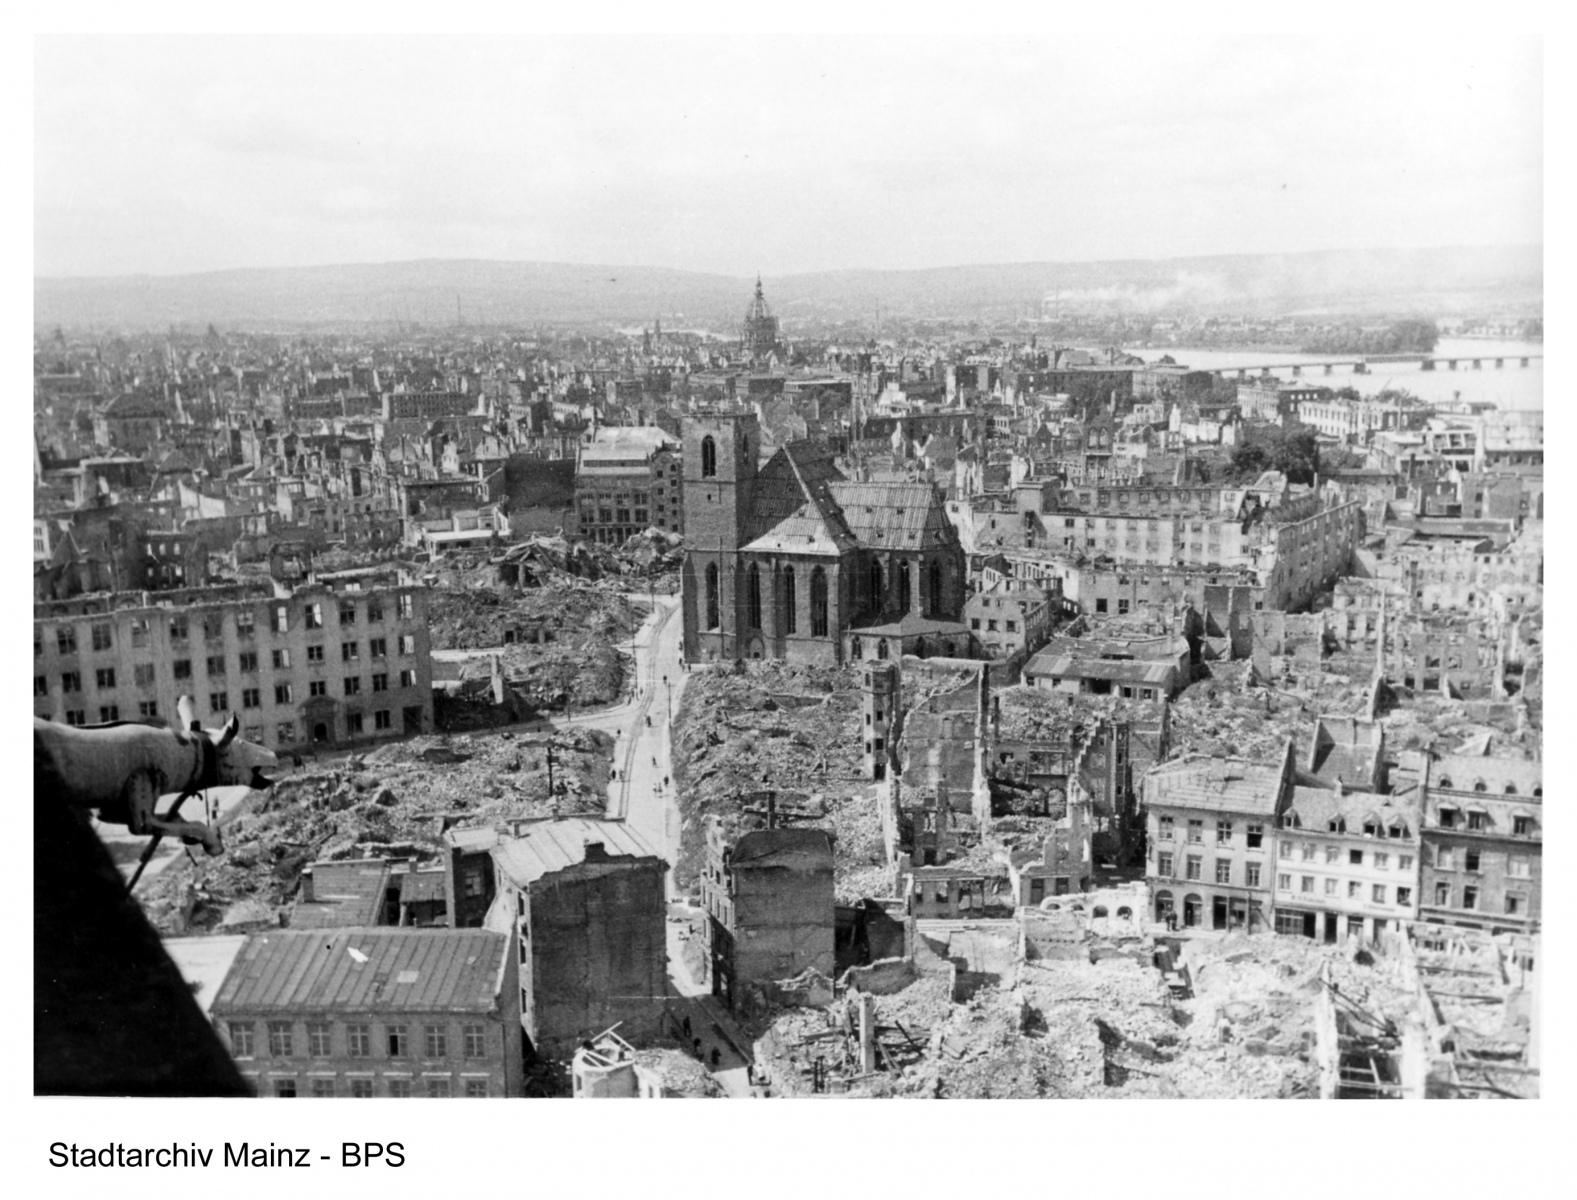 Blick vom Dom auf die zerstörten Häuser der Innenstadt, besonders Markt, Schusterstraße und Umgebung, nach dem 27.02.1945. Bildmitte: St. Quintin.